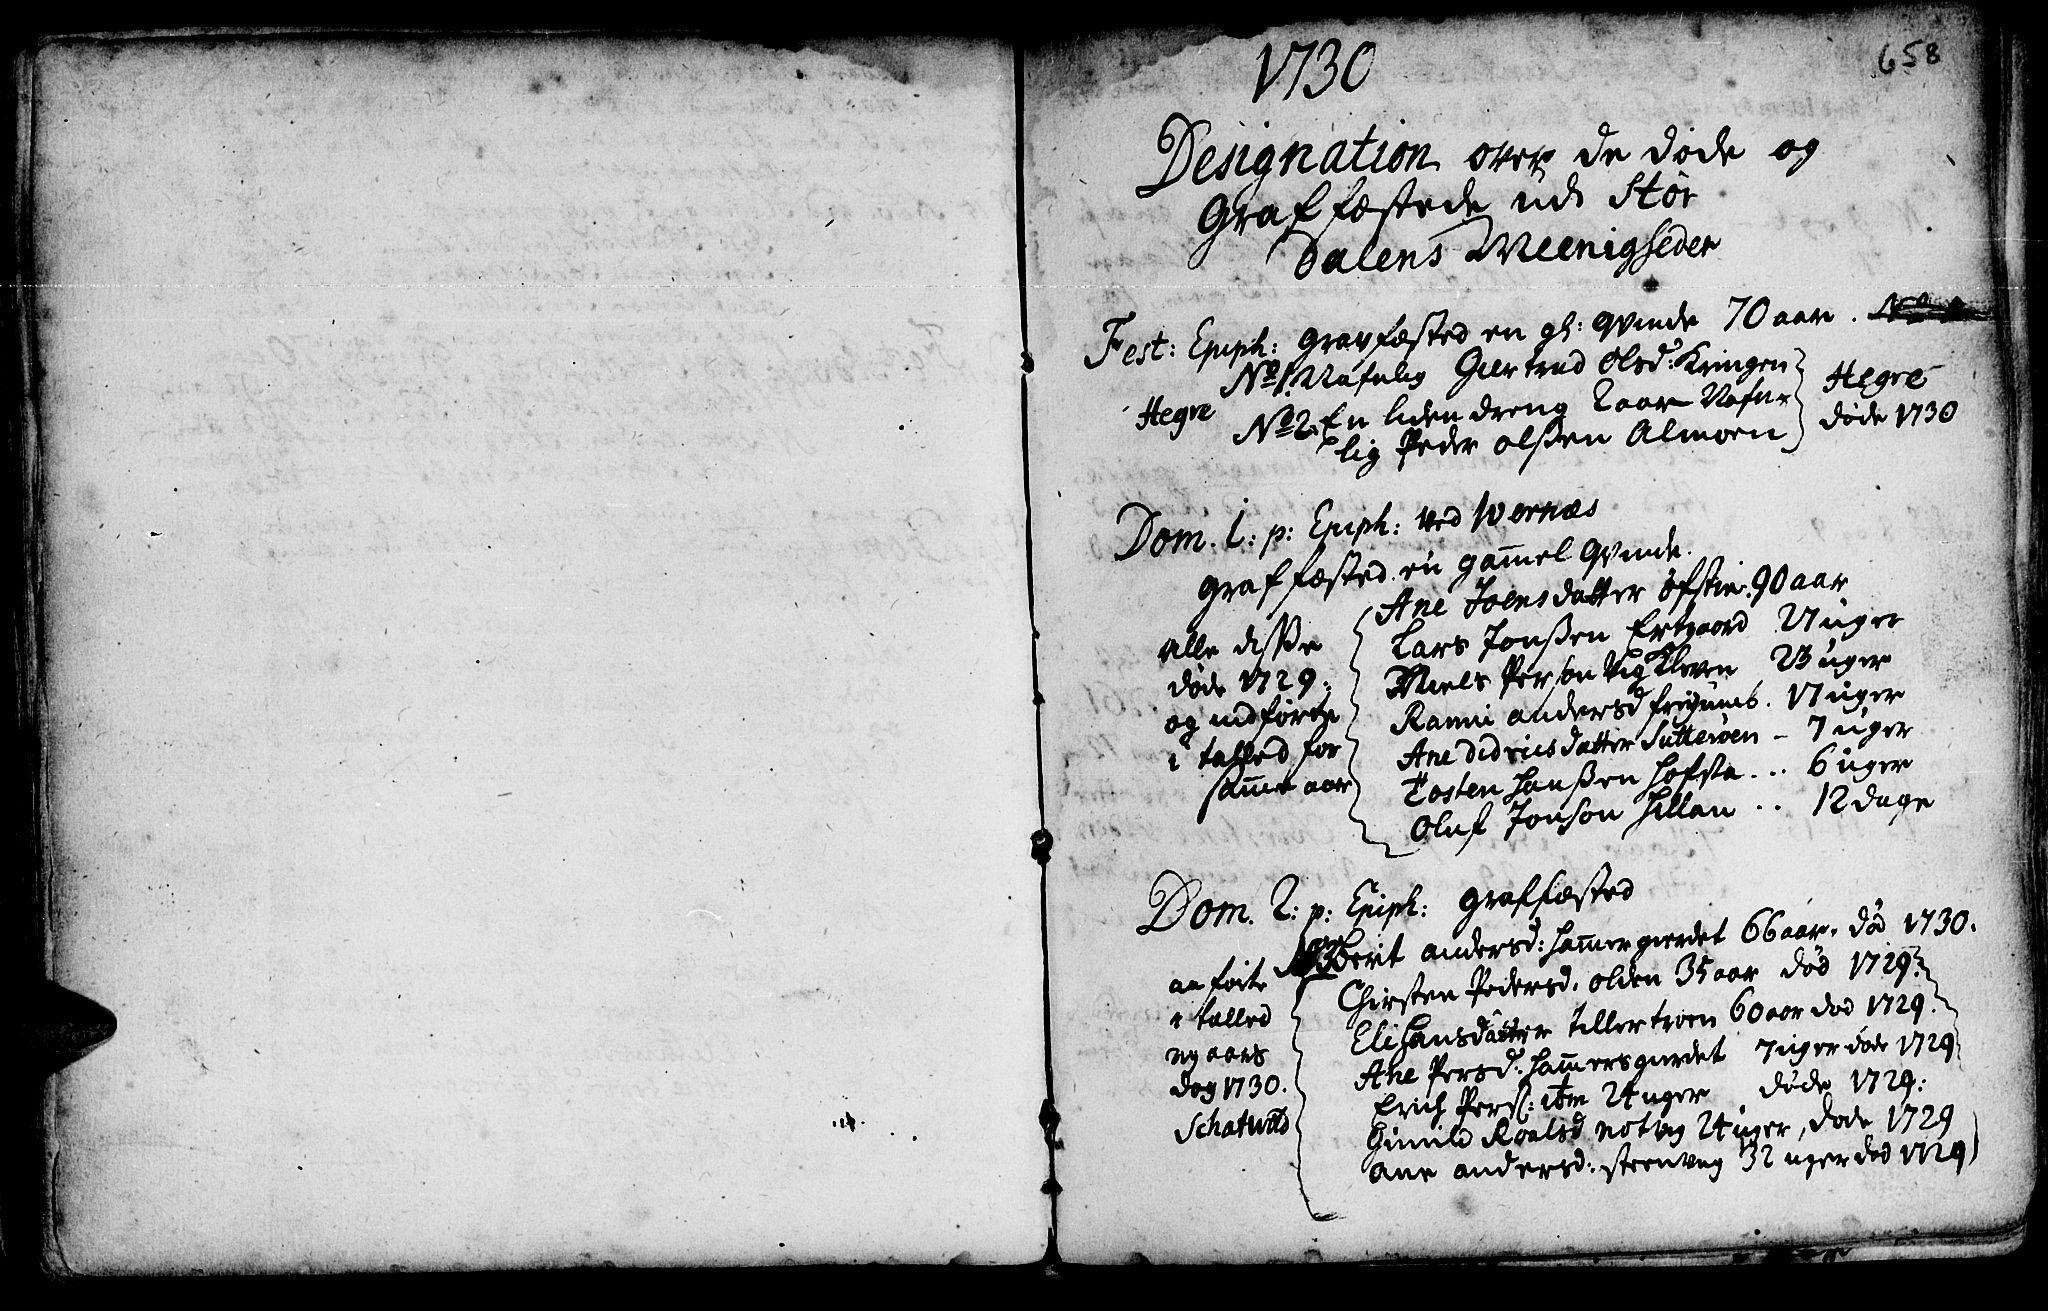 SAT, Ministerialprotokoller, klokkerbøker og fødselsregistre - Nord-Trøndelag, 709/L0055: Ministerialbok nr. 709A03, 1730-1739, s. 657-658